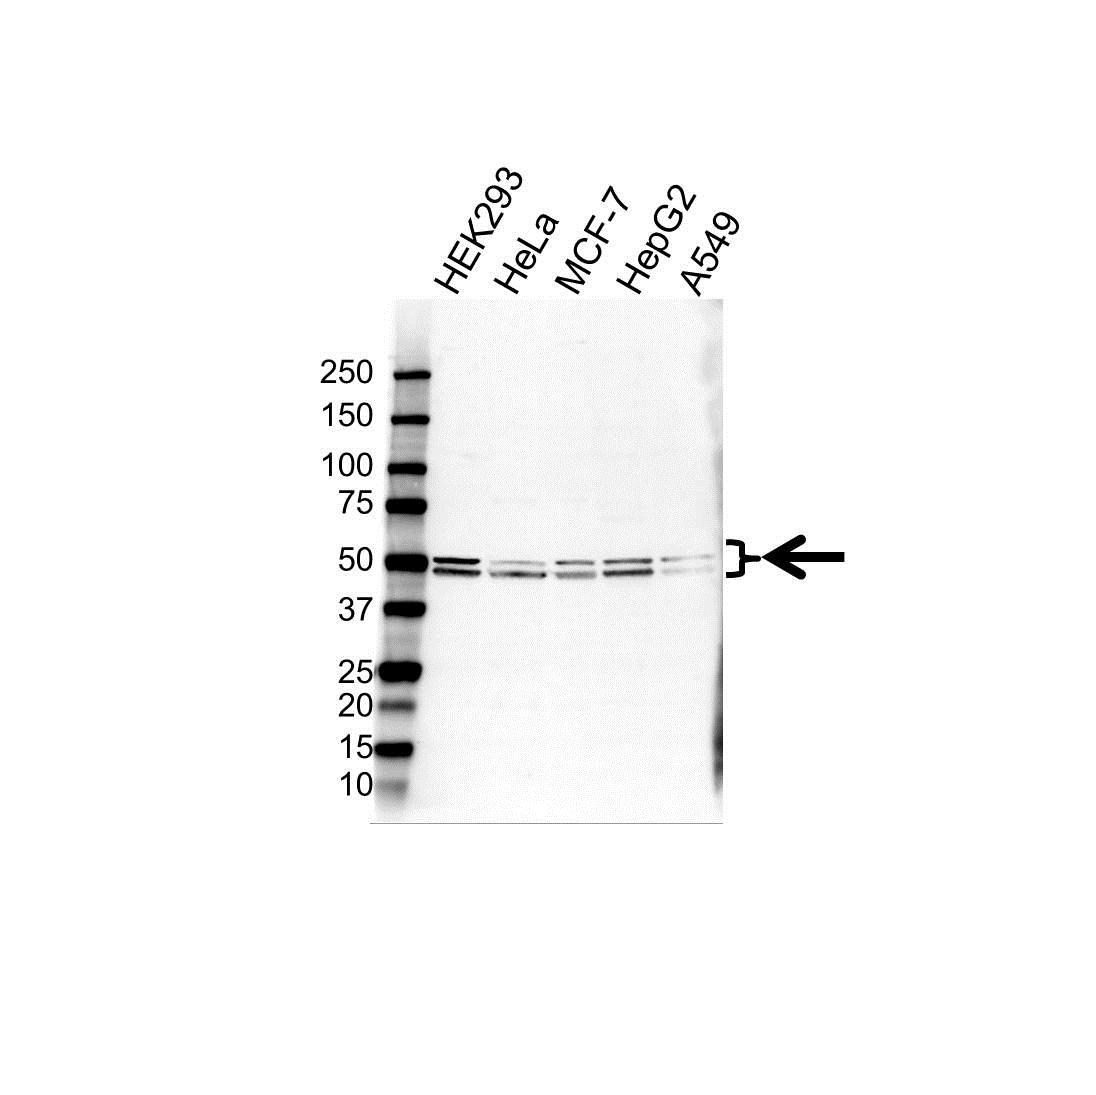 Anti BETA-1 Adrenergic Receptor Antibody (PrecisionAb Polyclonal Antibody) gallery image 1